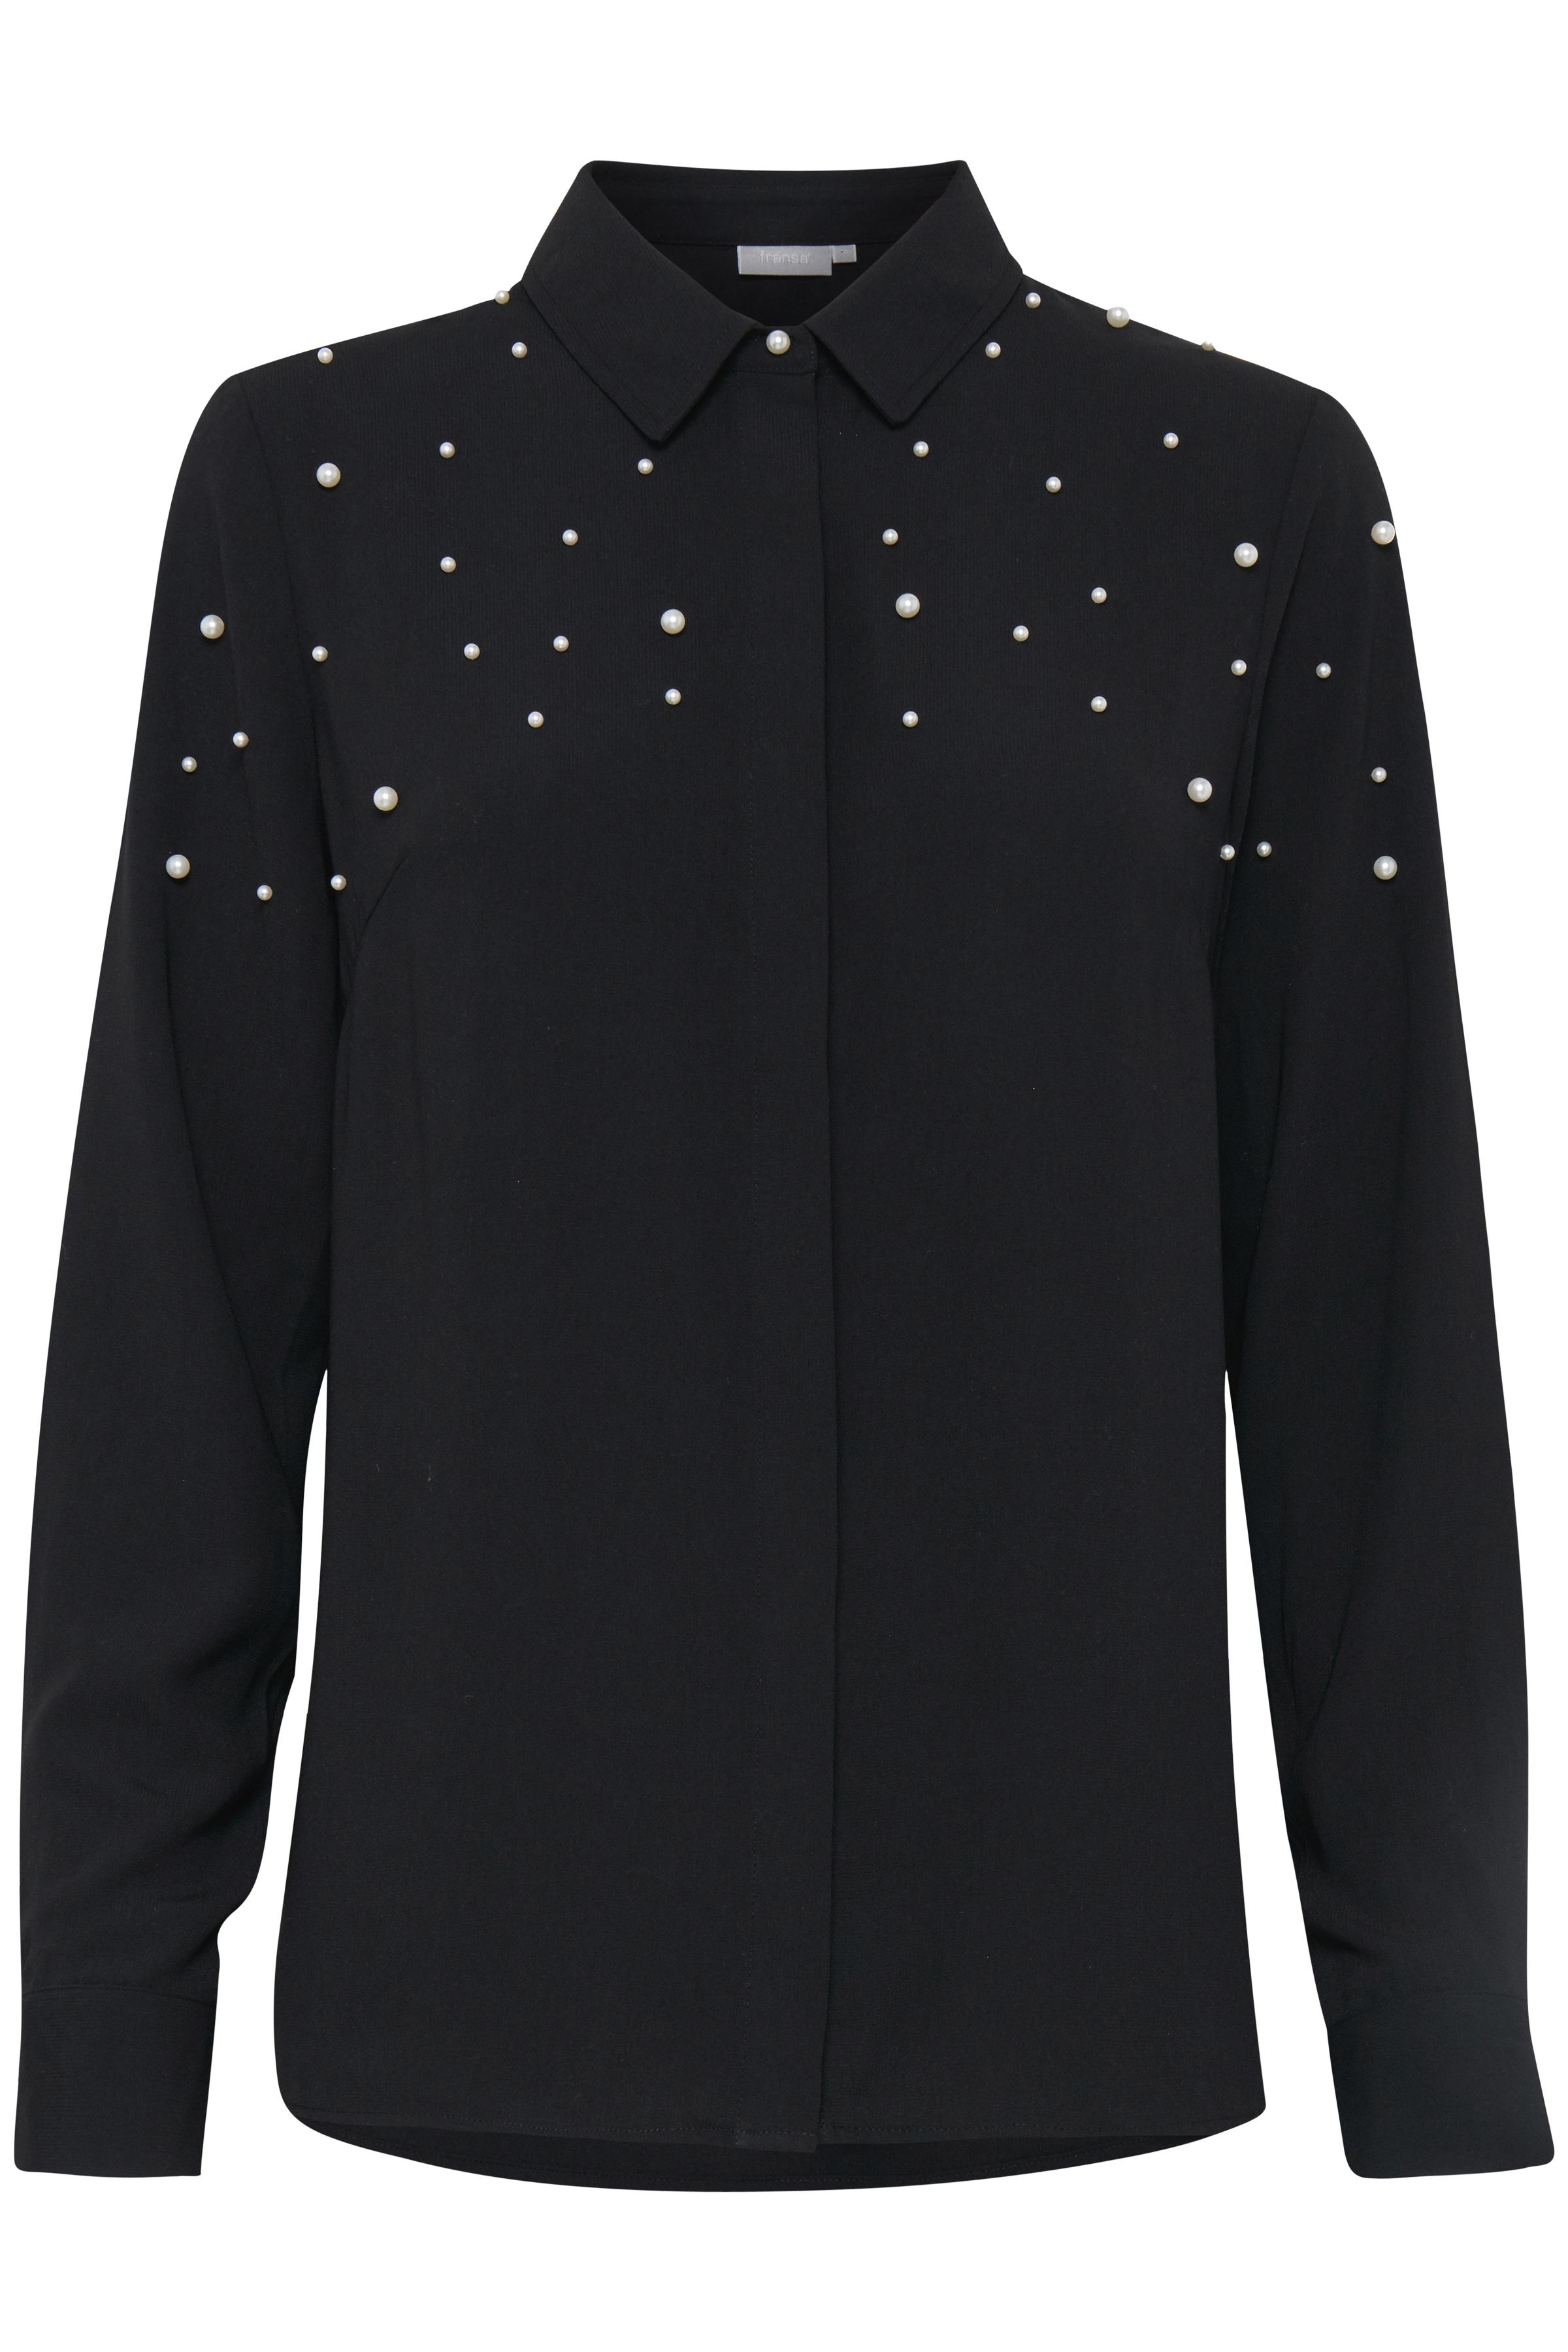 Sort Langærmet skjorte fra Fransa – Køb Sort Langærmet skjorte fra str. XS-XXL her